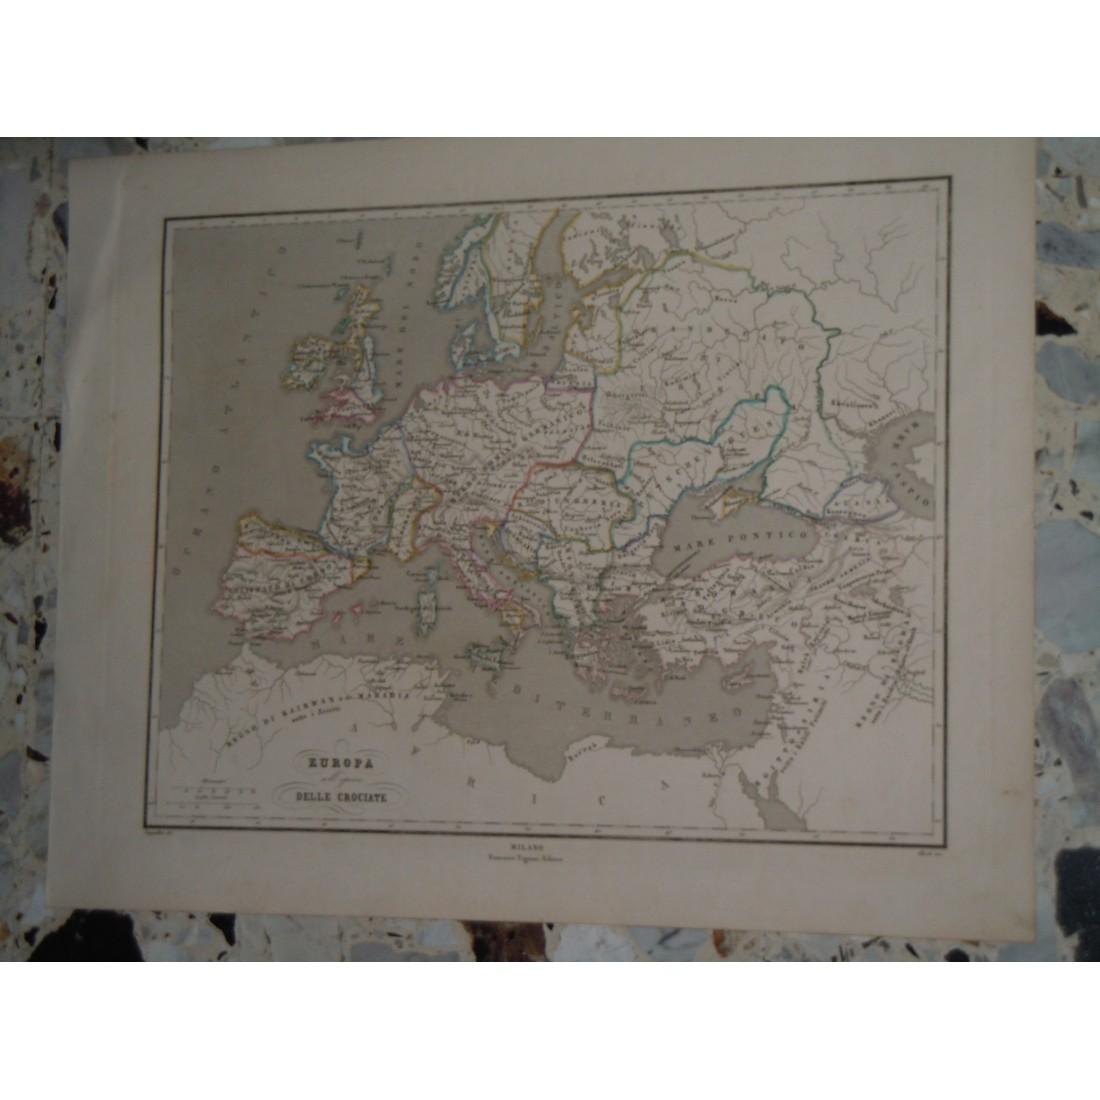 Cartina Giografica.Cartina Geografica Europa All Epoca Delle Crociate Incisione Allodi Pagnoni Editore